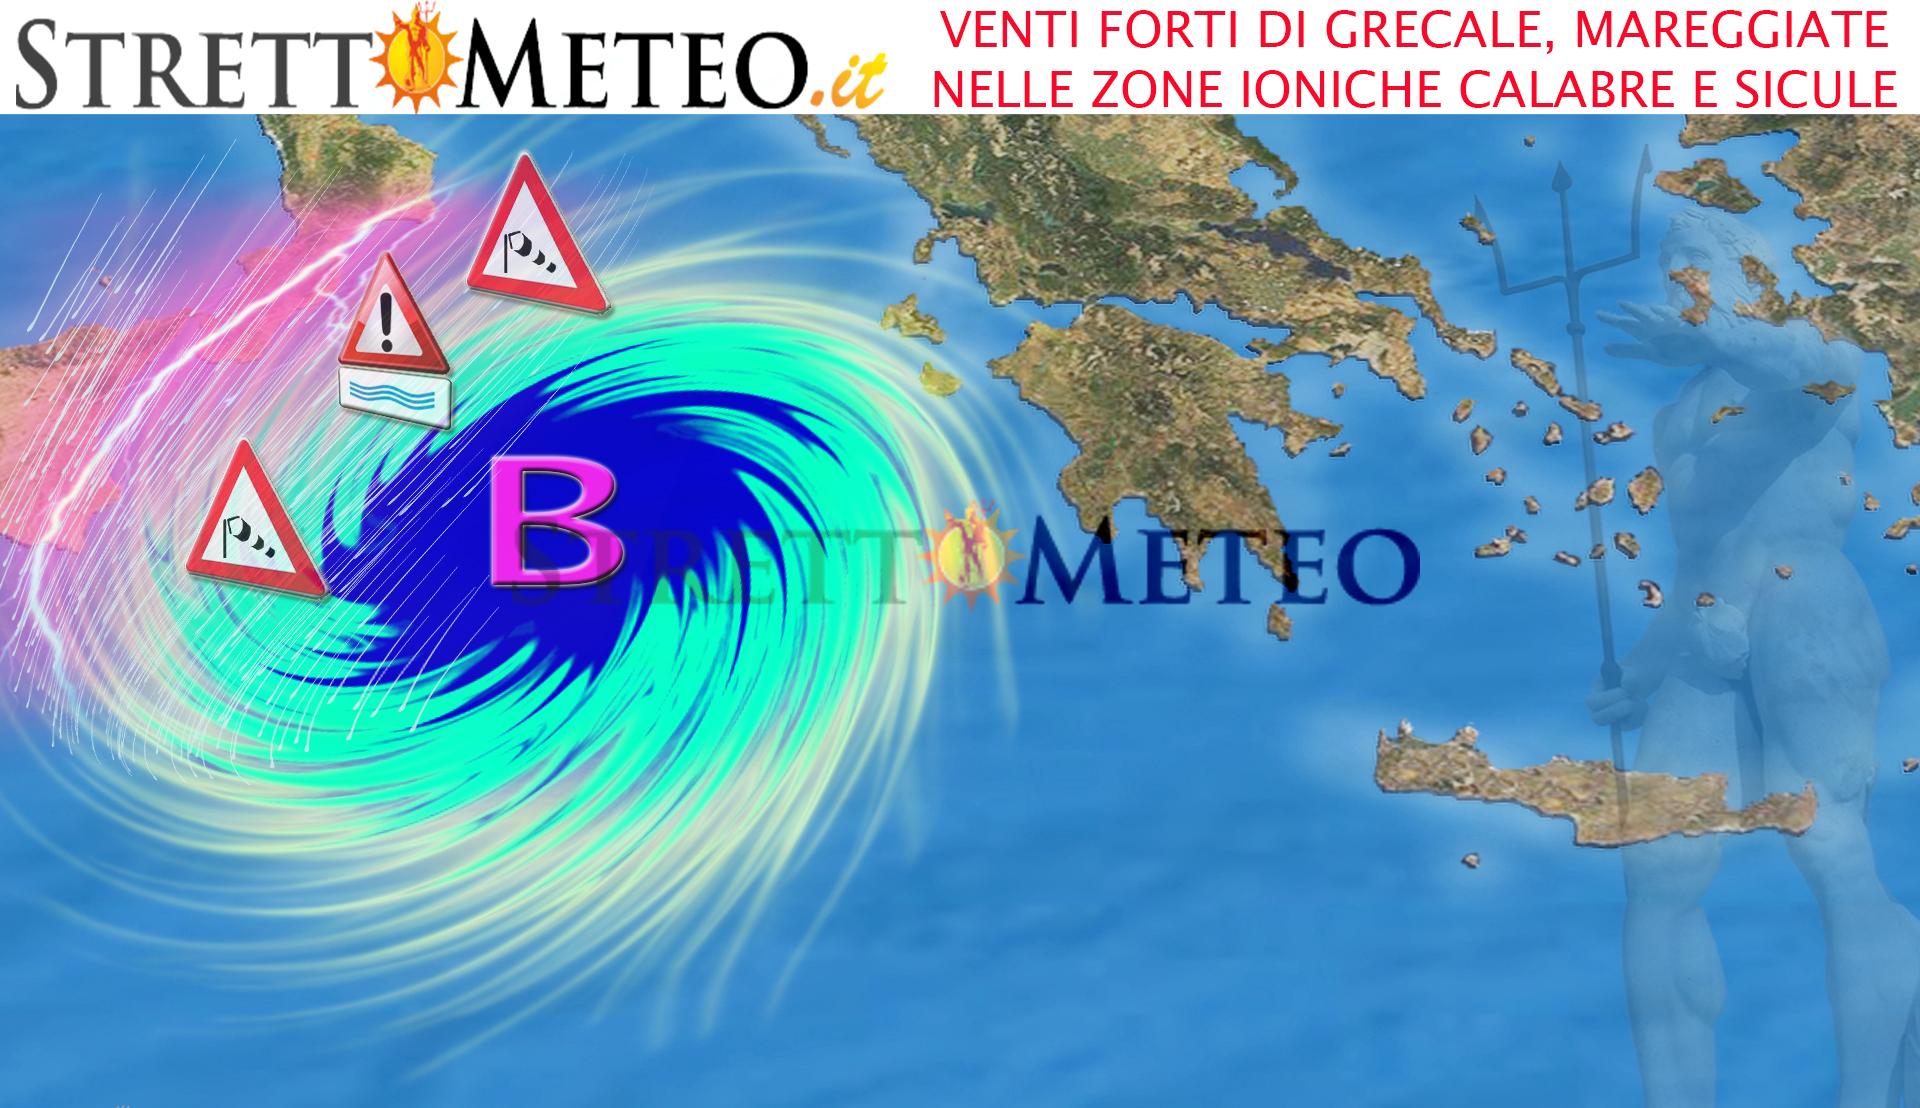 Forte burrasca di grecale nello Ionio, forti mareggiate nelle zone esposte